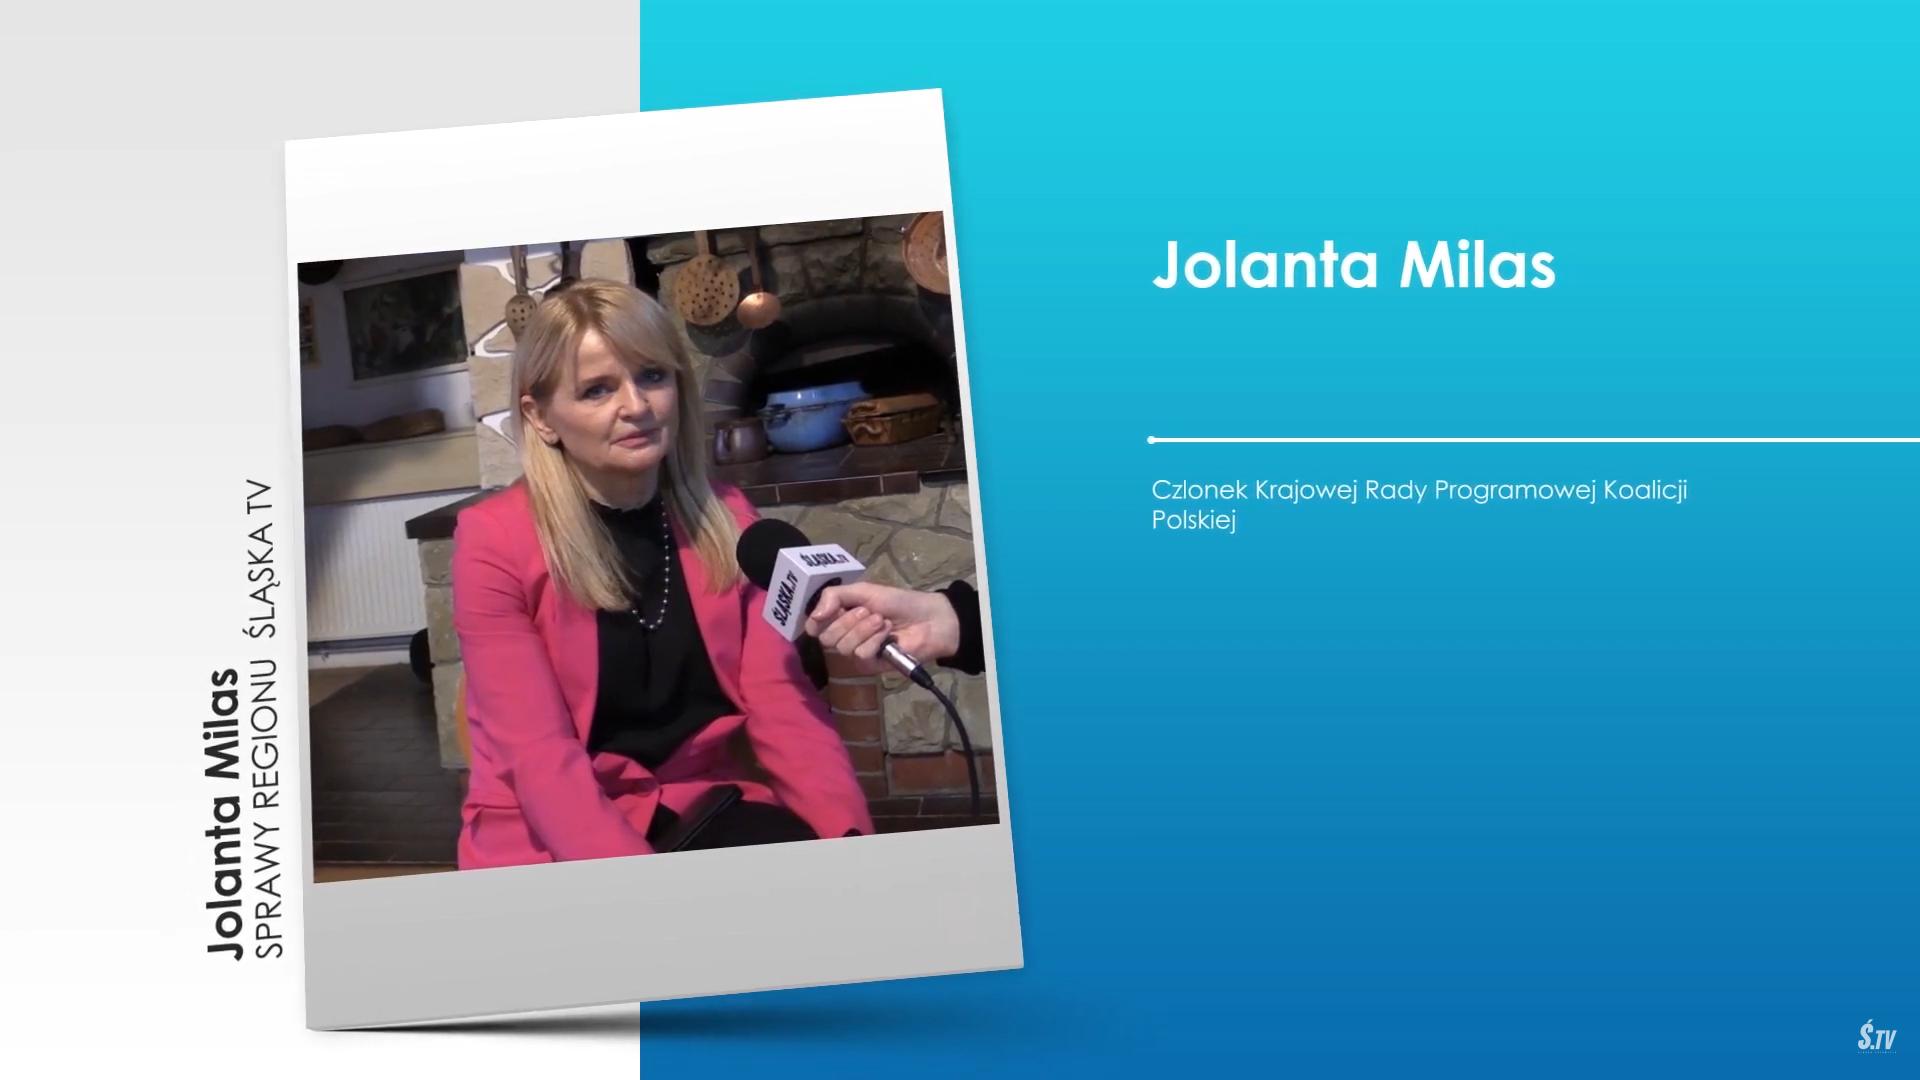 """,,Sprawy Regionu"""" – Jolanta Milas – Członek Krajowej Rady Programowej Koalicji Polskiej"""